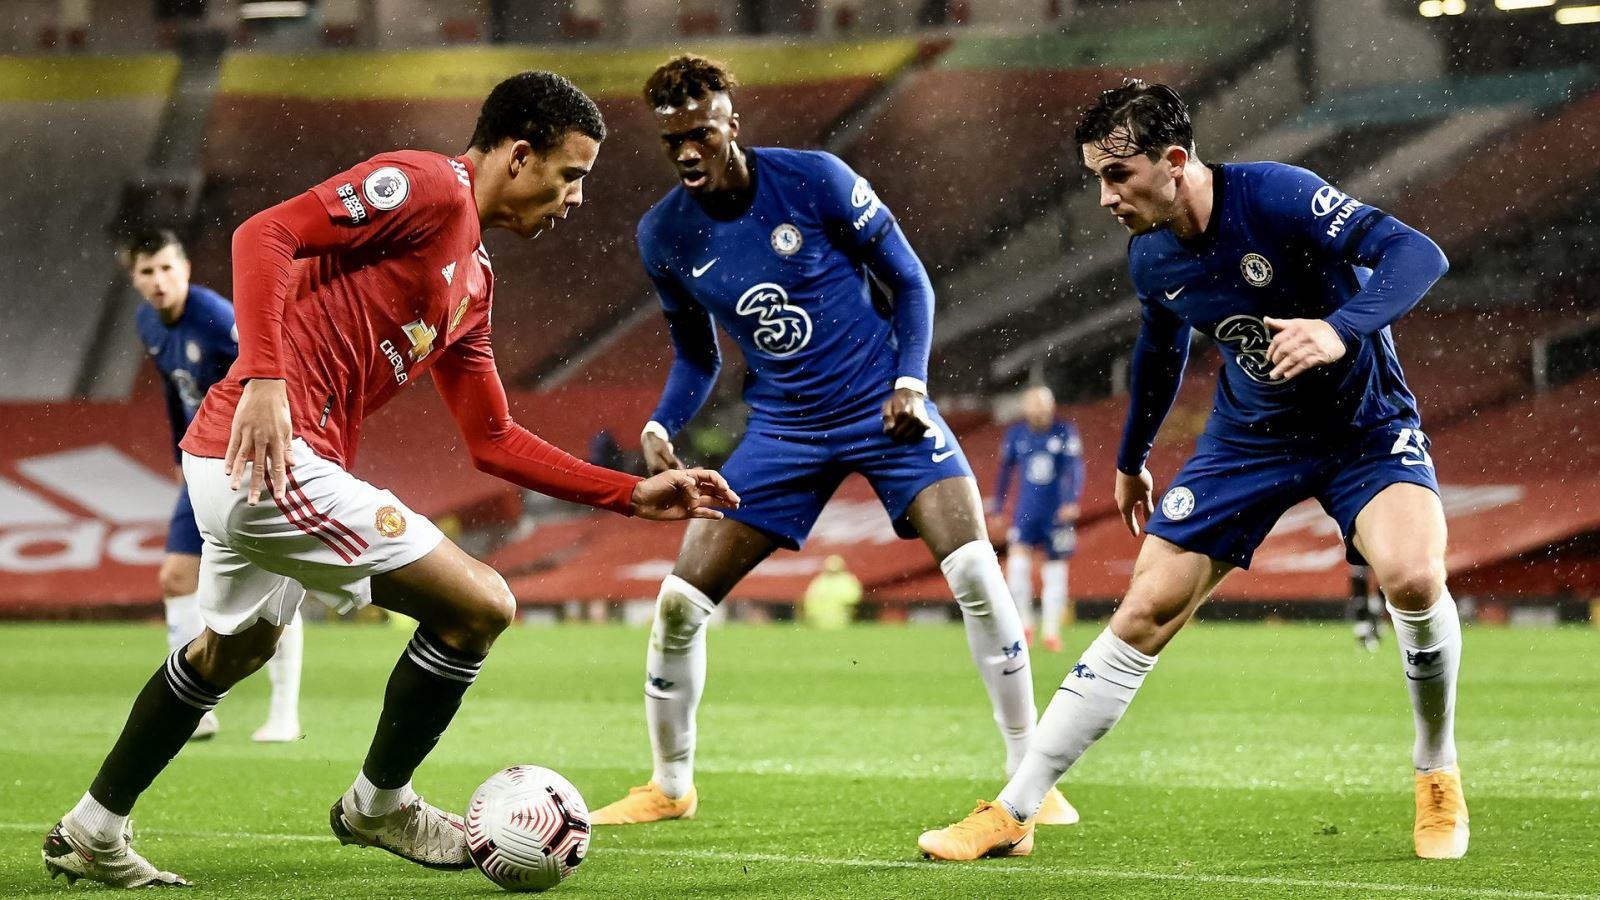 Cập nhật trực tiếp bóng đá Anh: MU quyết chiến với Chelsea, Leicester vs Arsenal